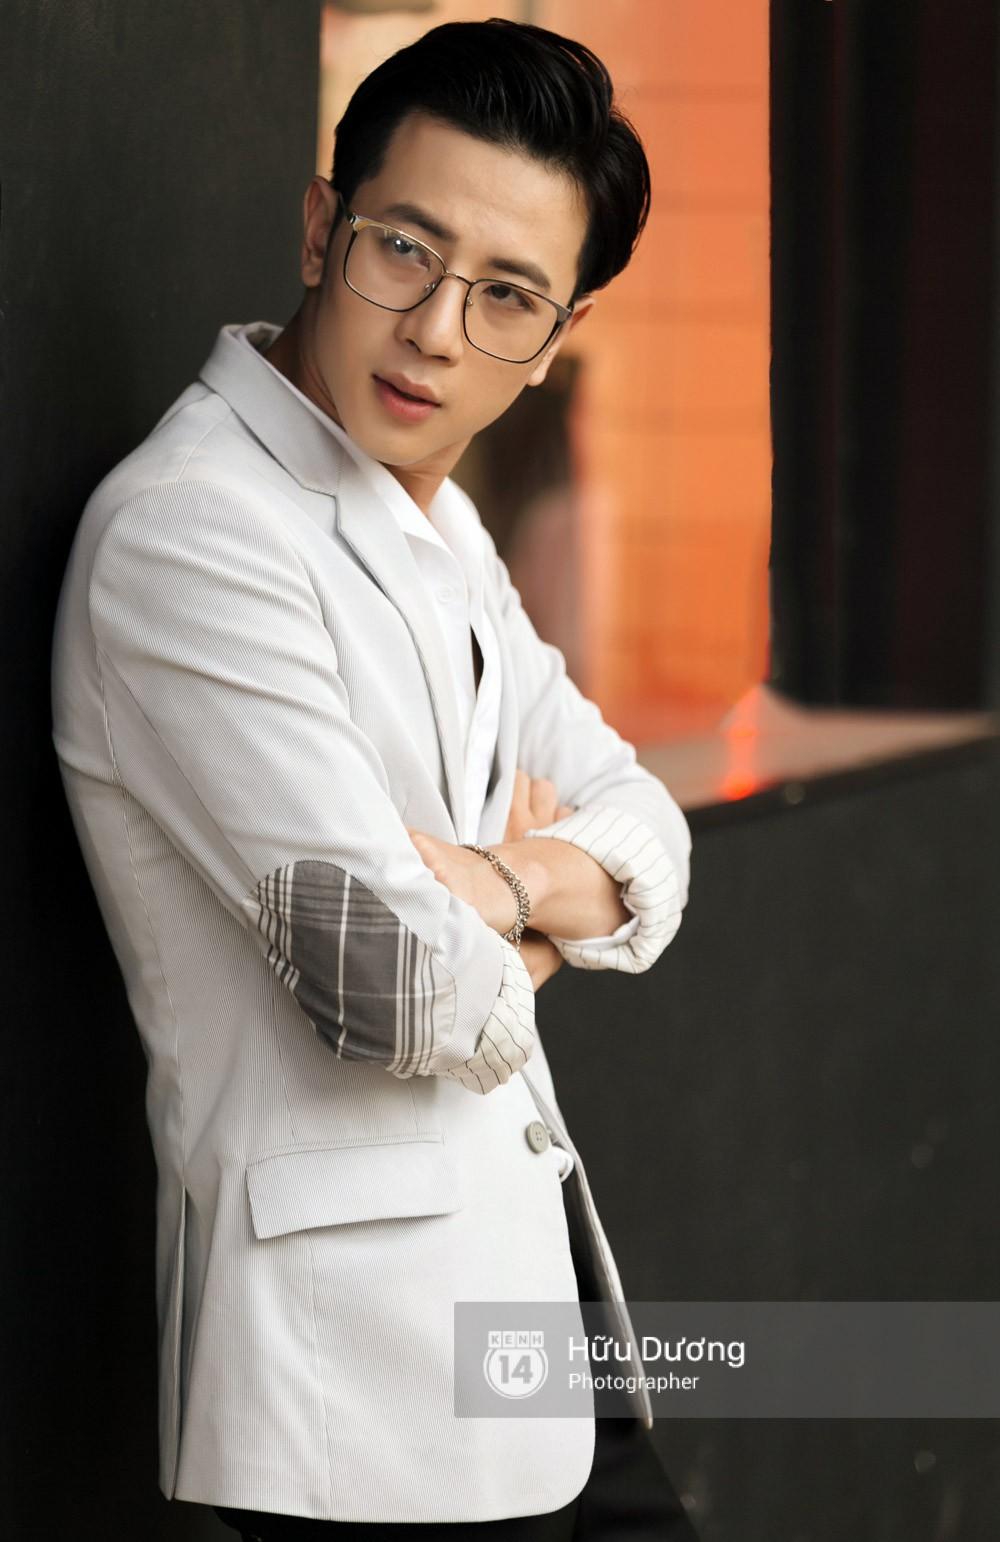 Hotboy học đường Phí Ngọc Hưng: Mình tham vọng lắm! - Ảnh 4.